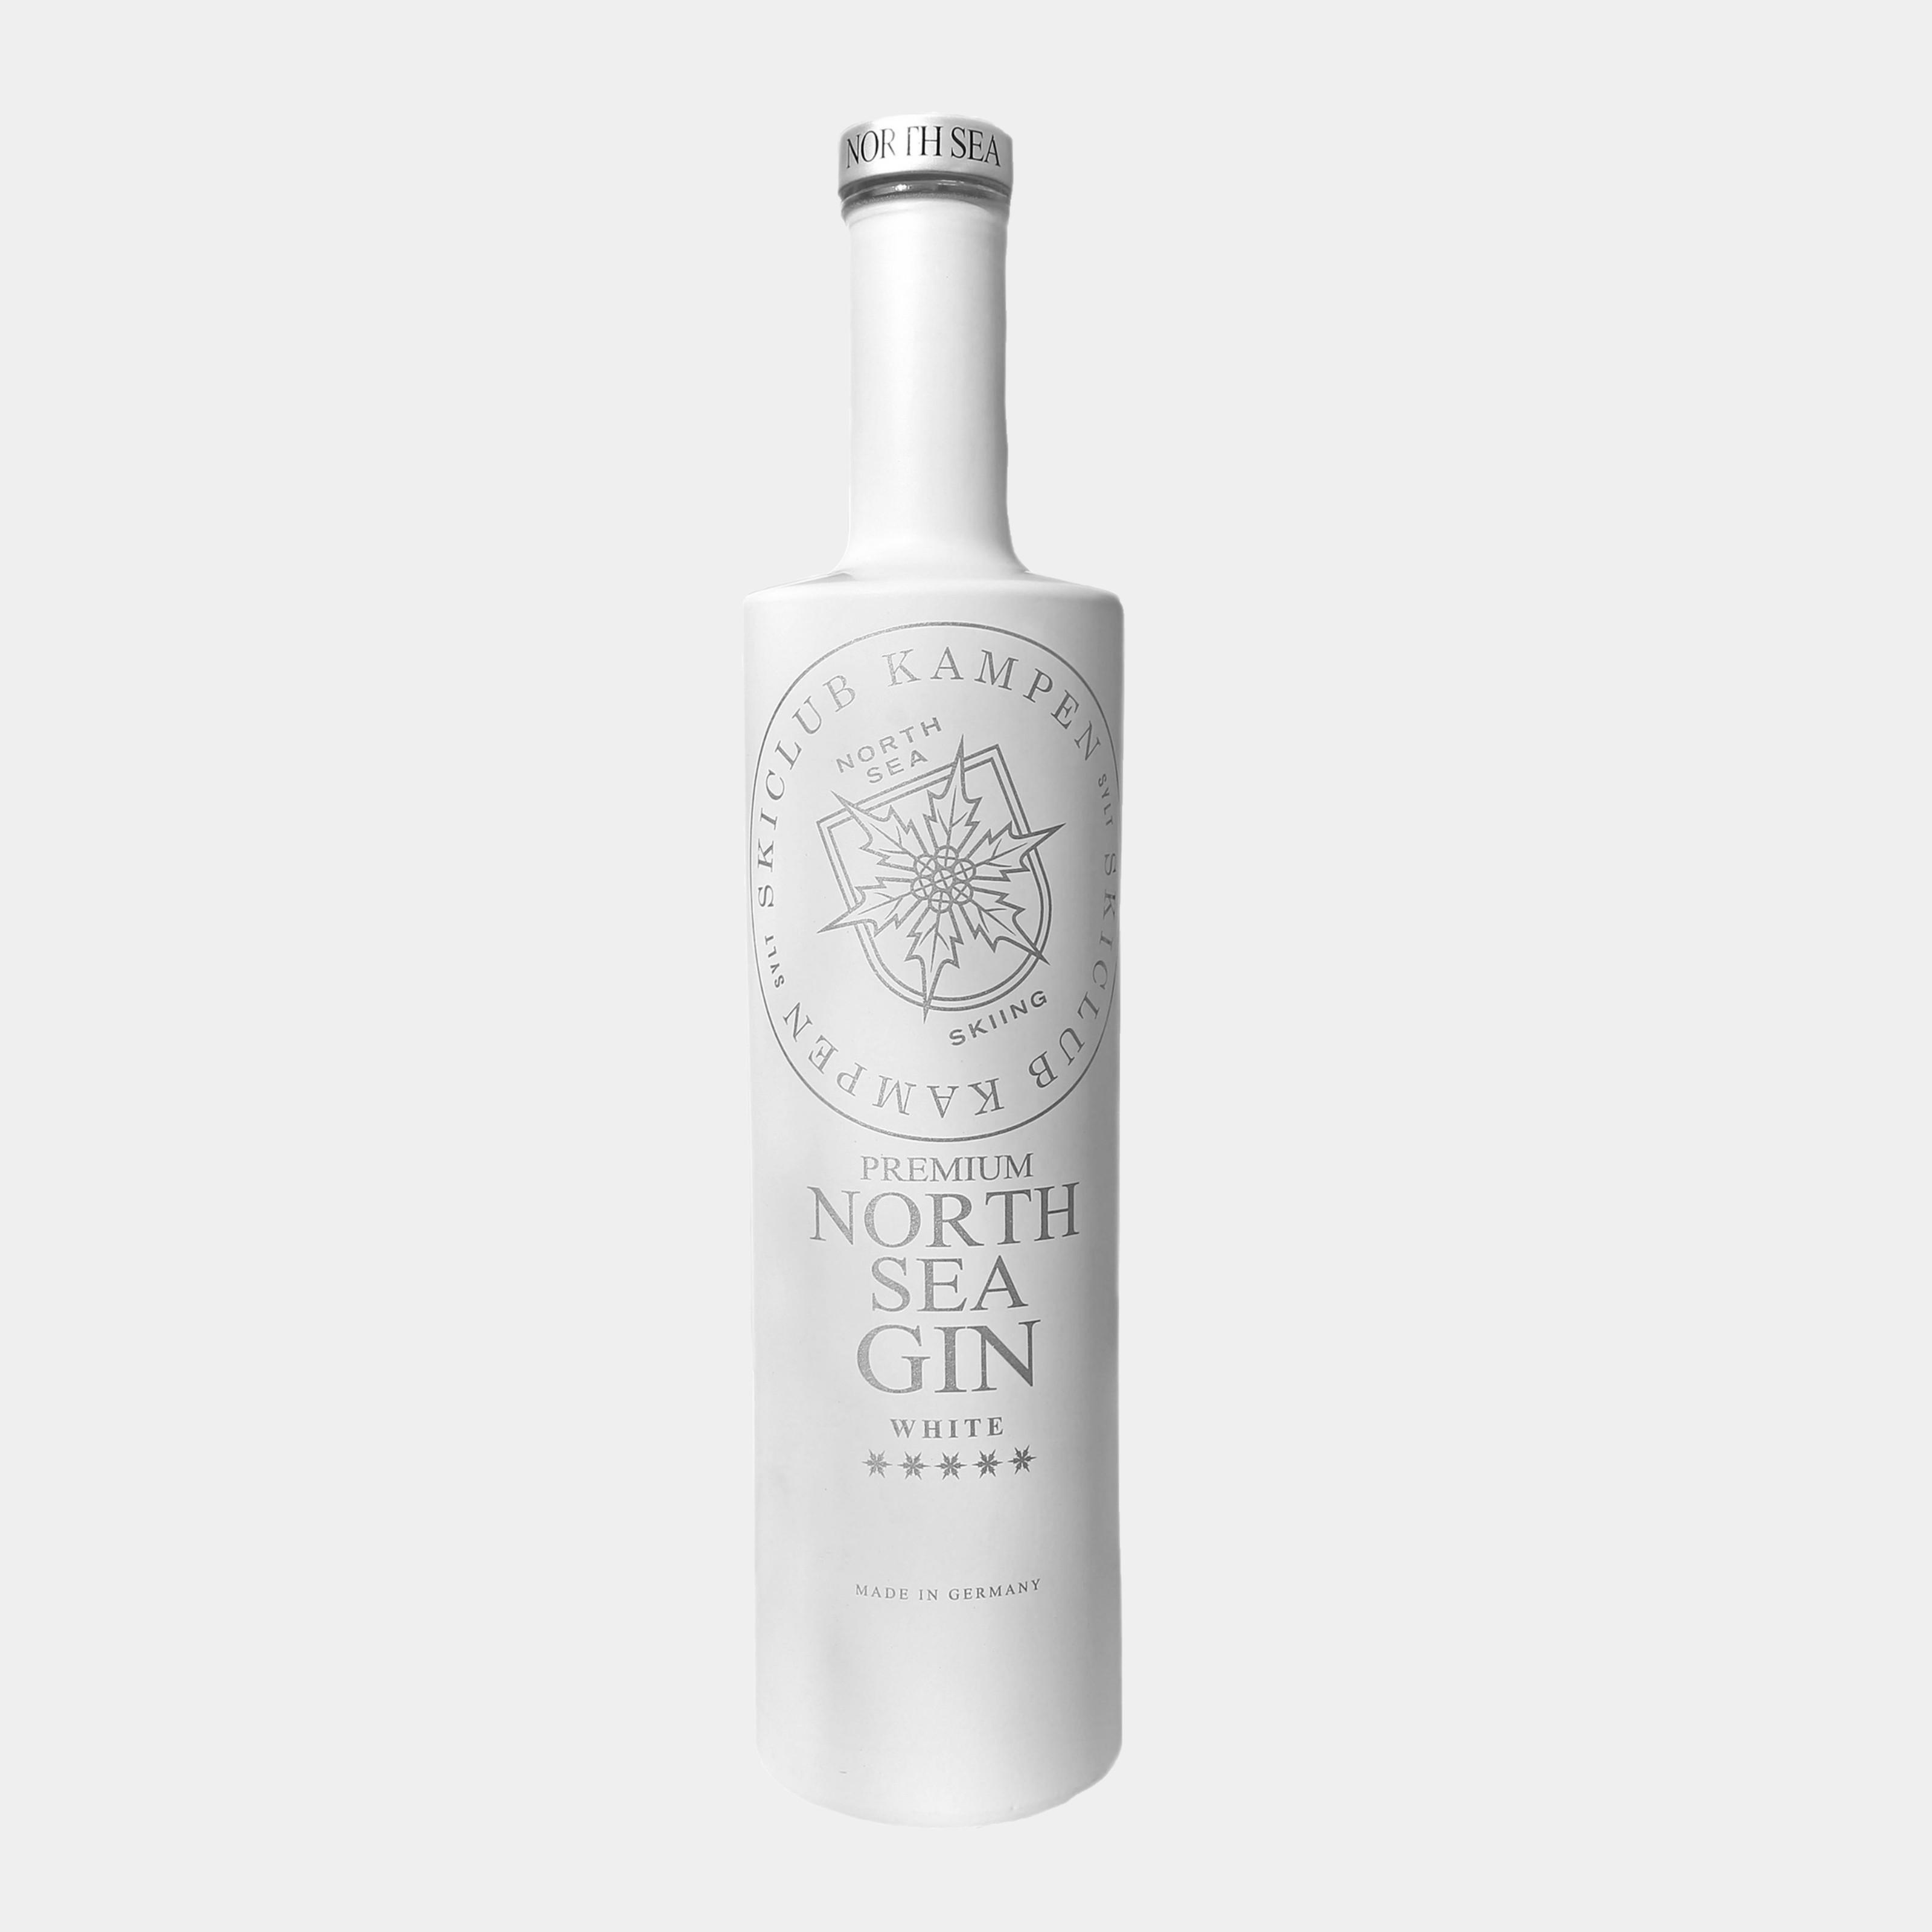 North Sea Gin 0.7L 40% Alk.